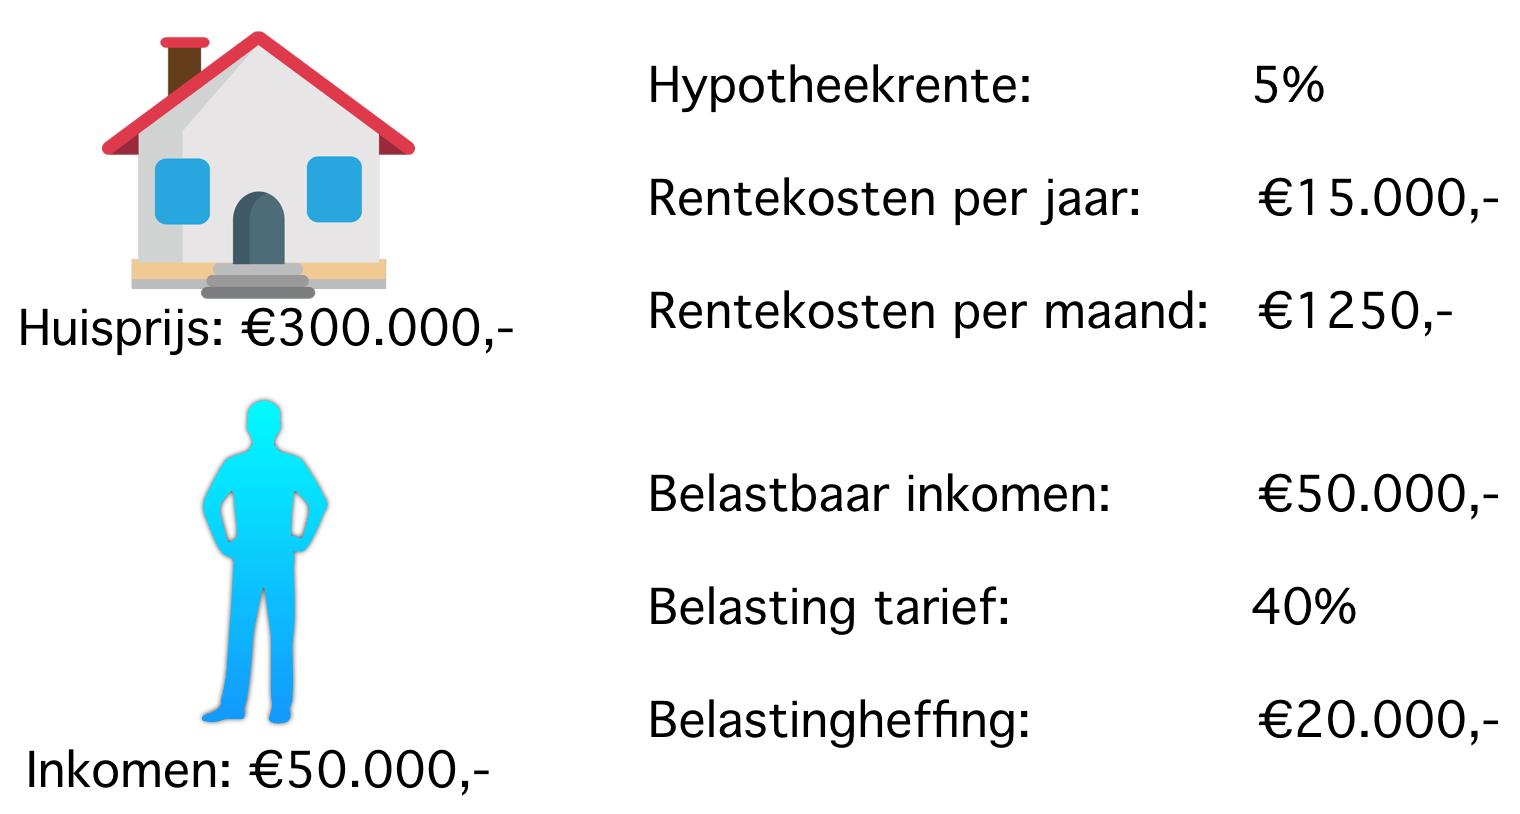 Hypotheekkosten zonder hypotheekrenteaftrek